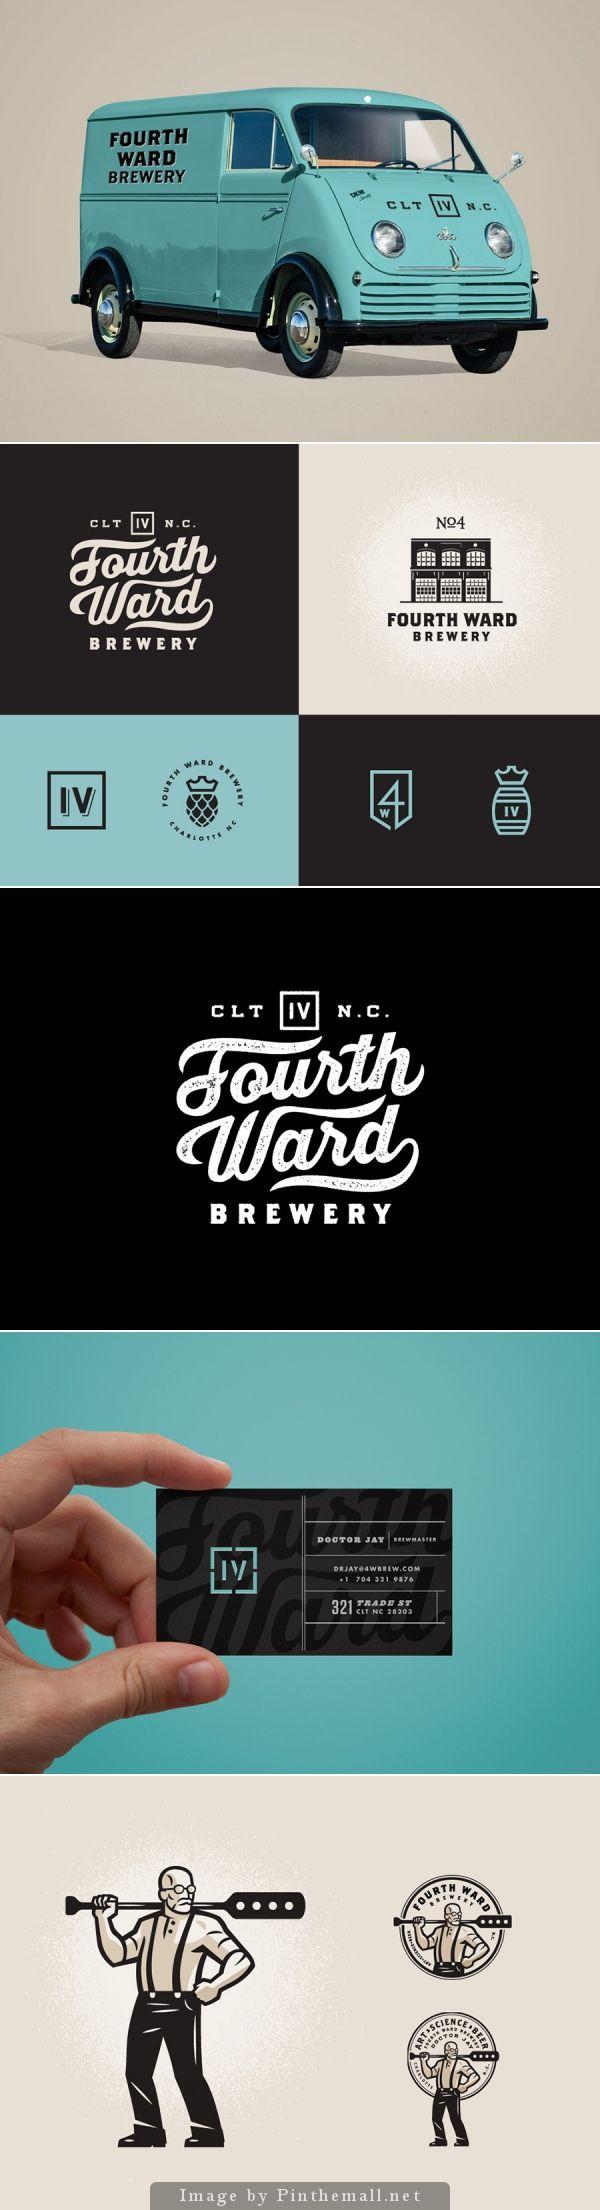 #design #branding